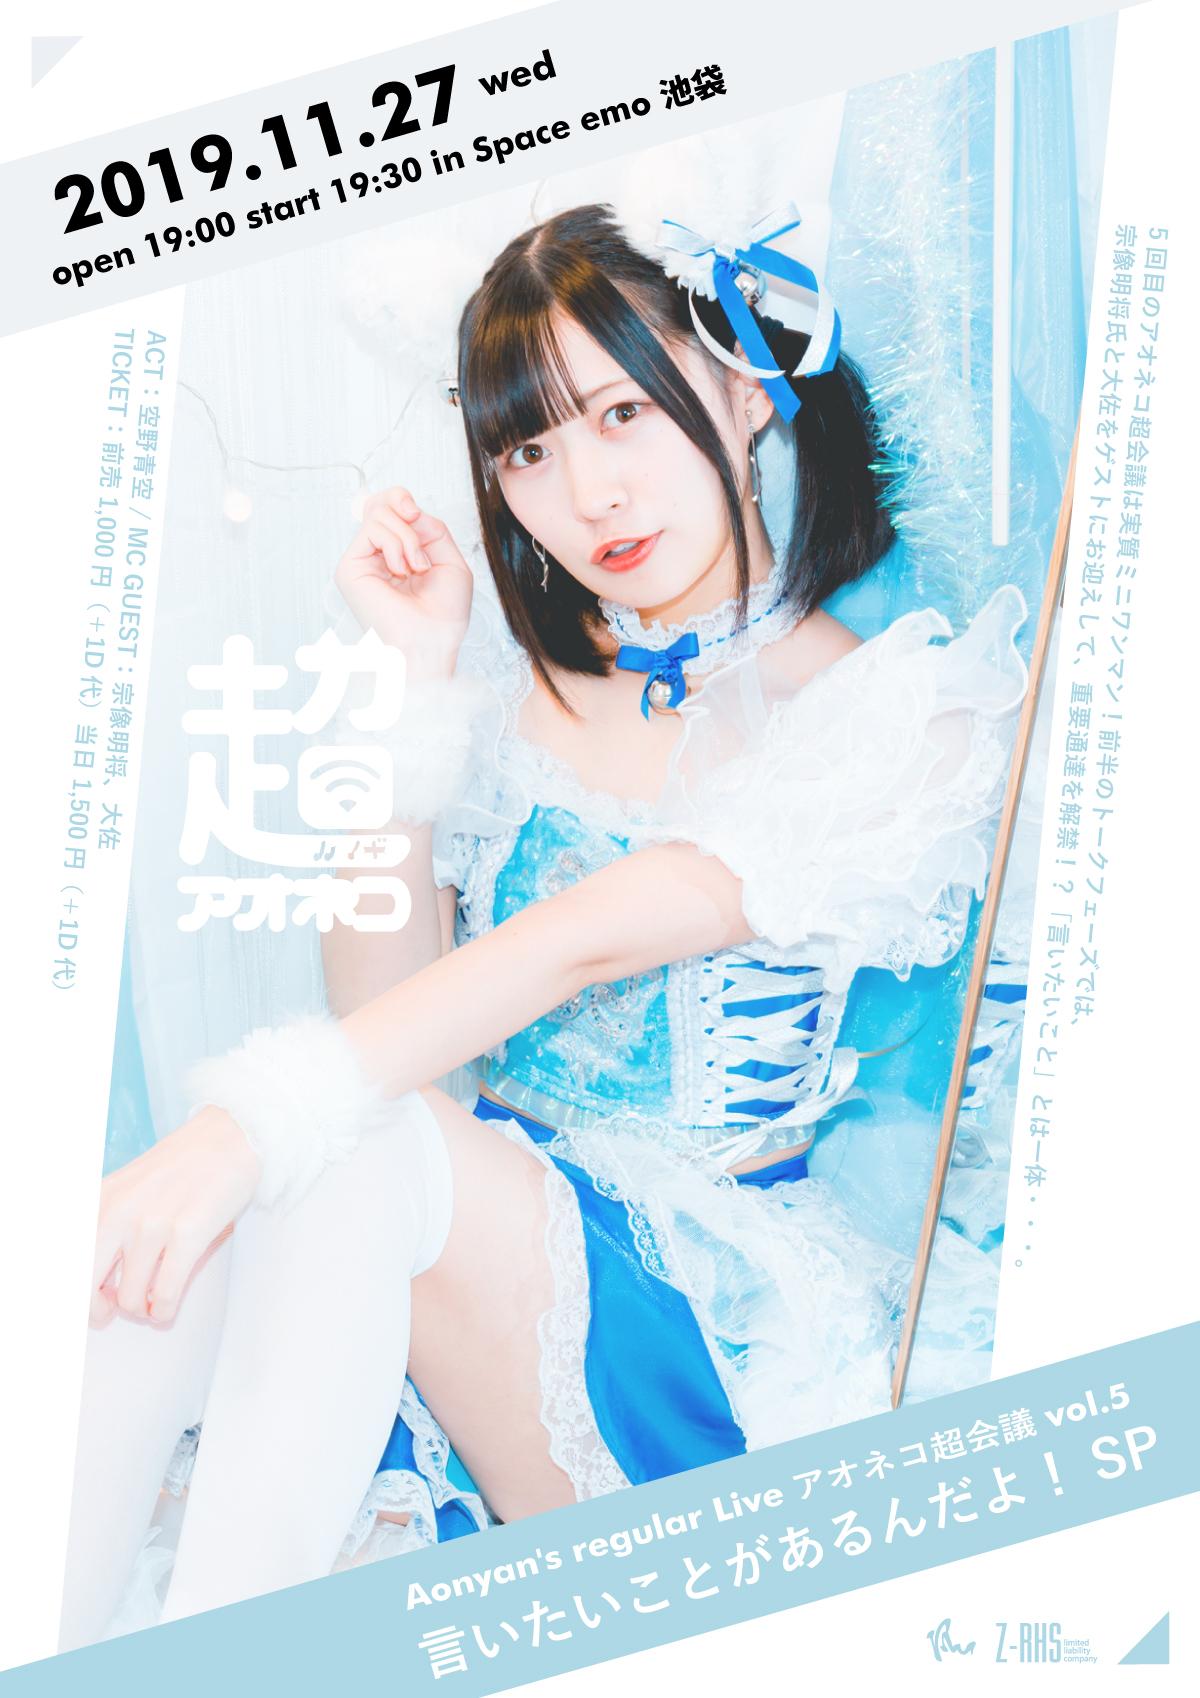 【空野青空】東京・池袋 『Aonyan's regular Live「#アオネコ超会議」vol.5 ~言いたいことがあるんだよ!SP~』